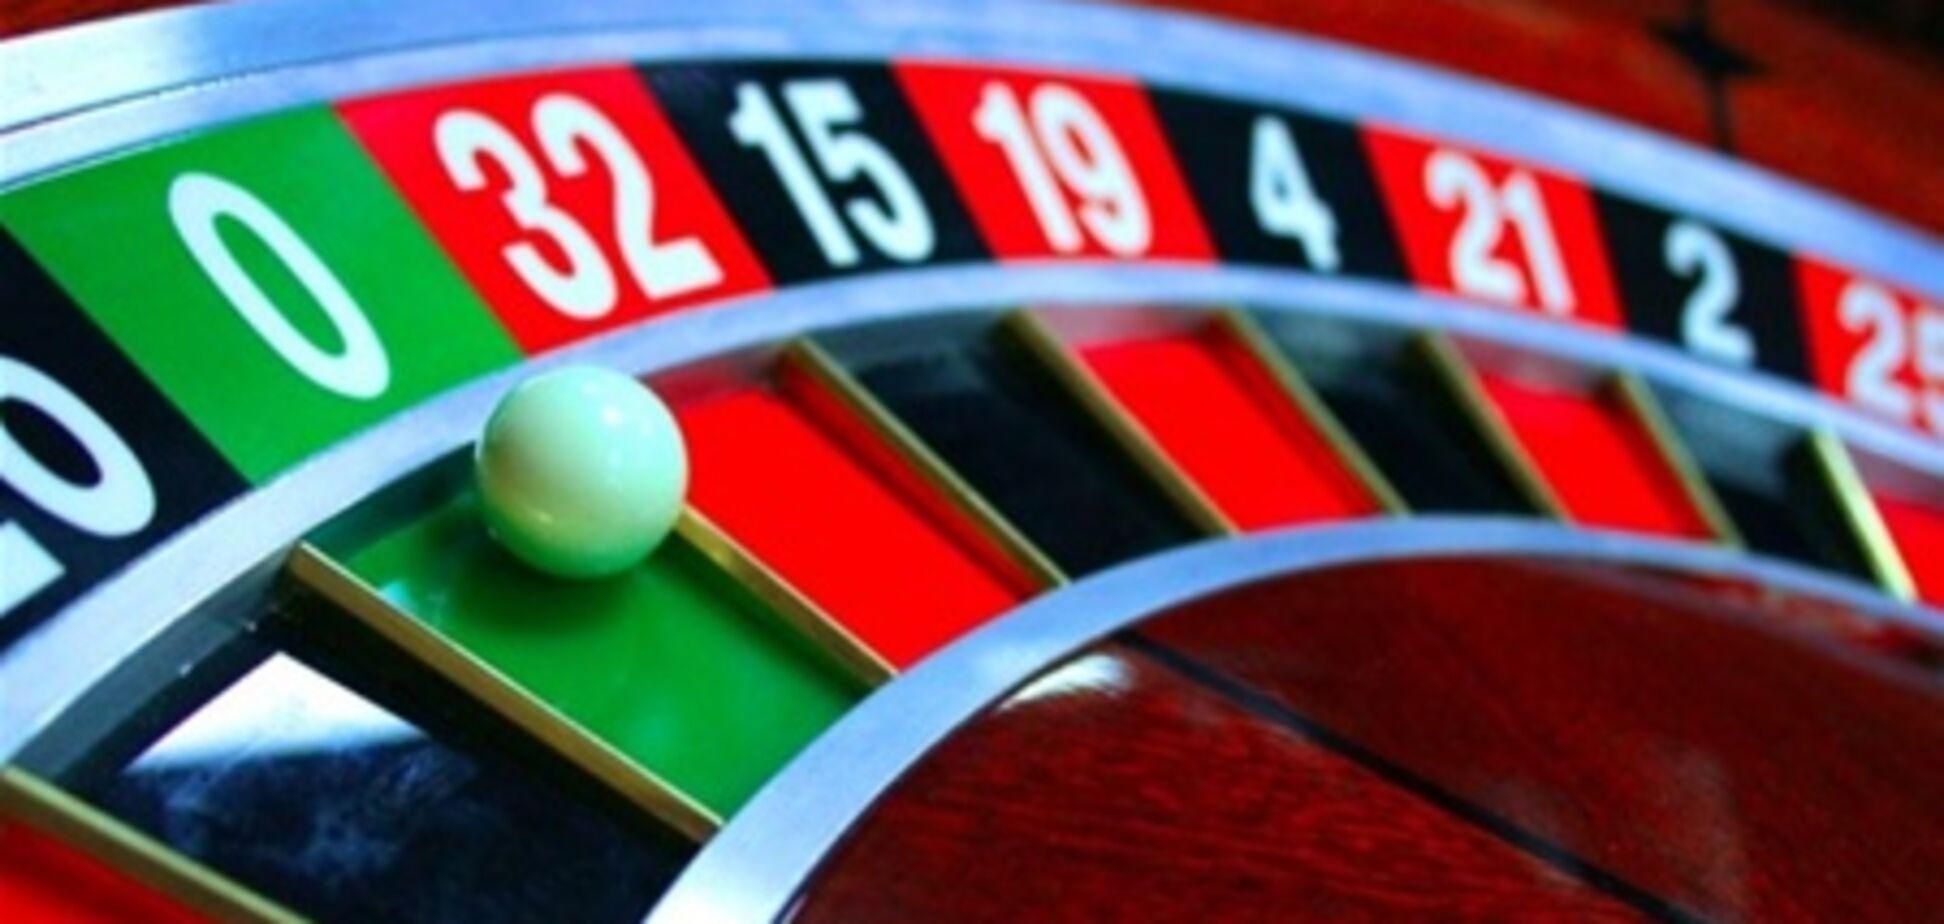 Майже 16 тис. бельгійців попросили закрити їм доступ в казино